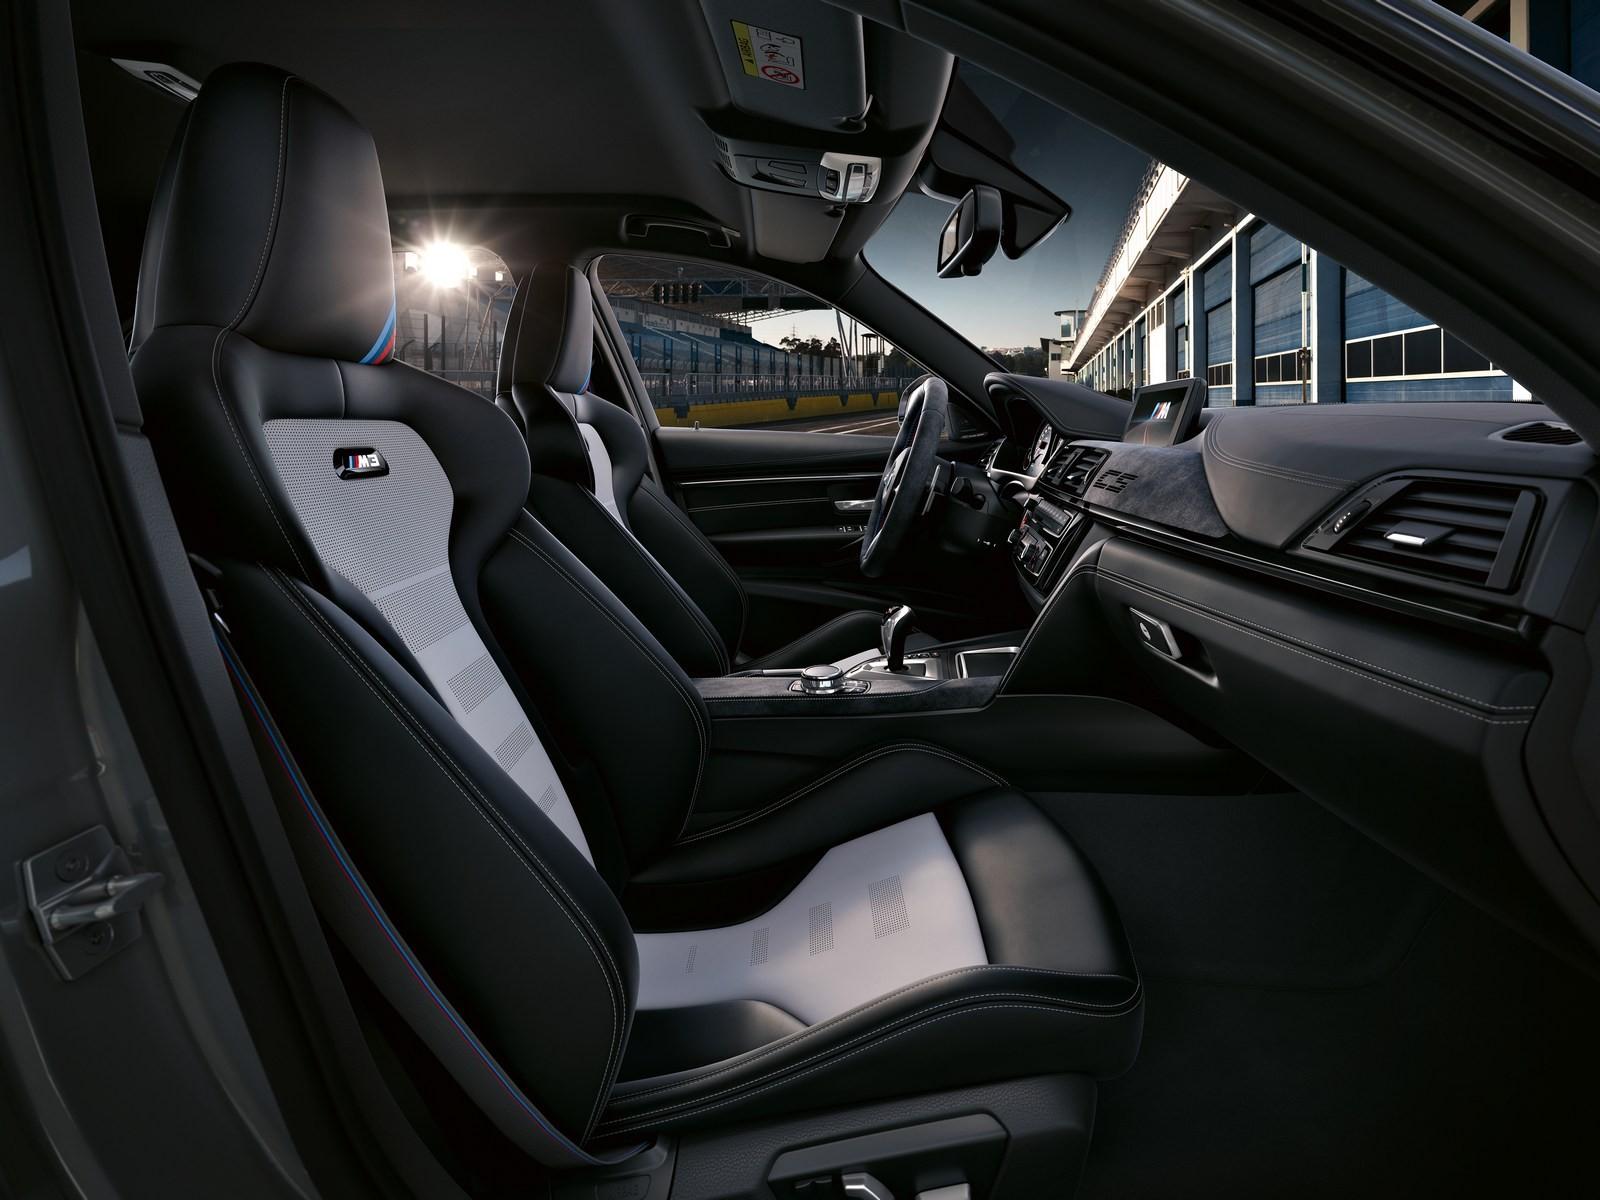 Xe++ - Xe thể thao hiệu suất cao BMW M3 CS sản xuất giới hạn 1.200 chiếc (Hình 8).